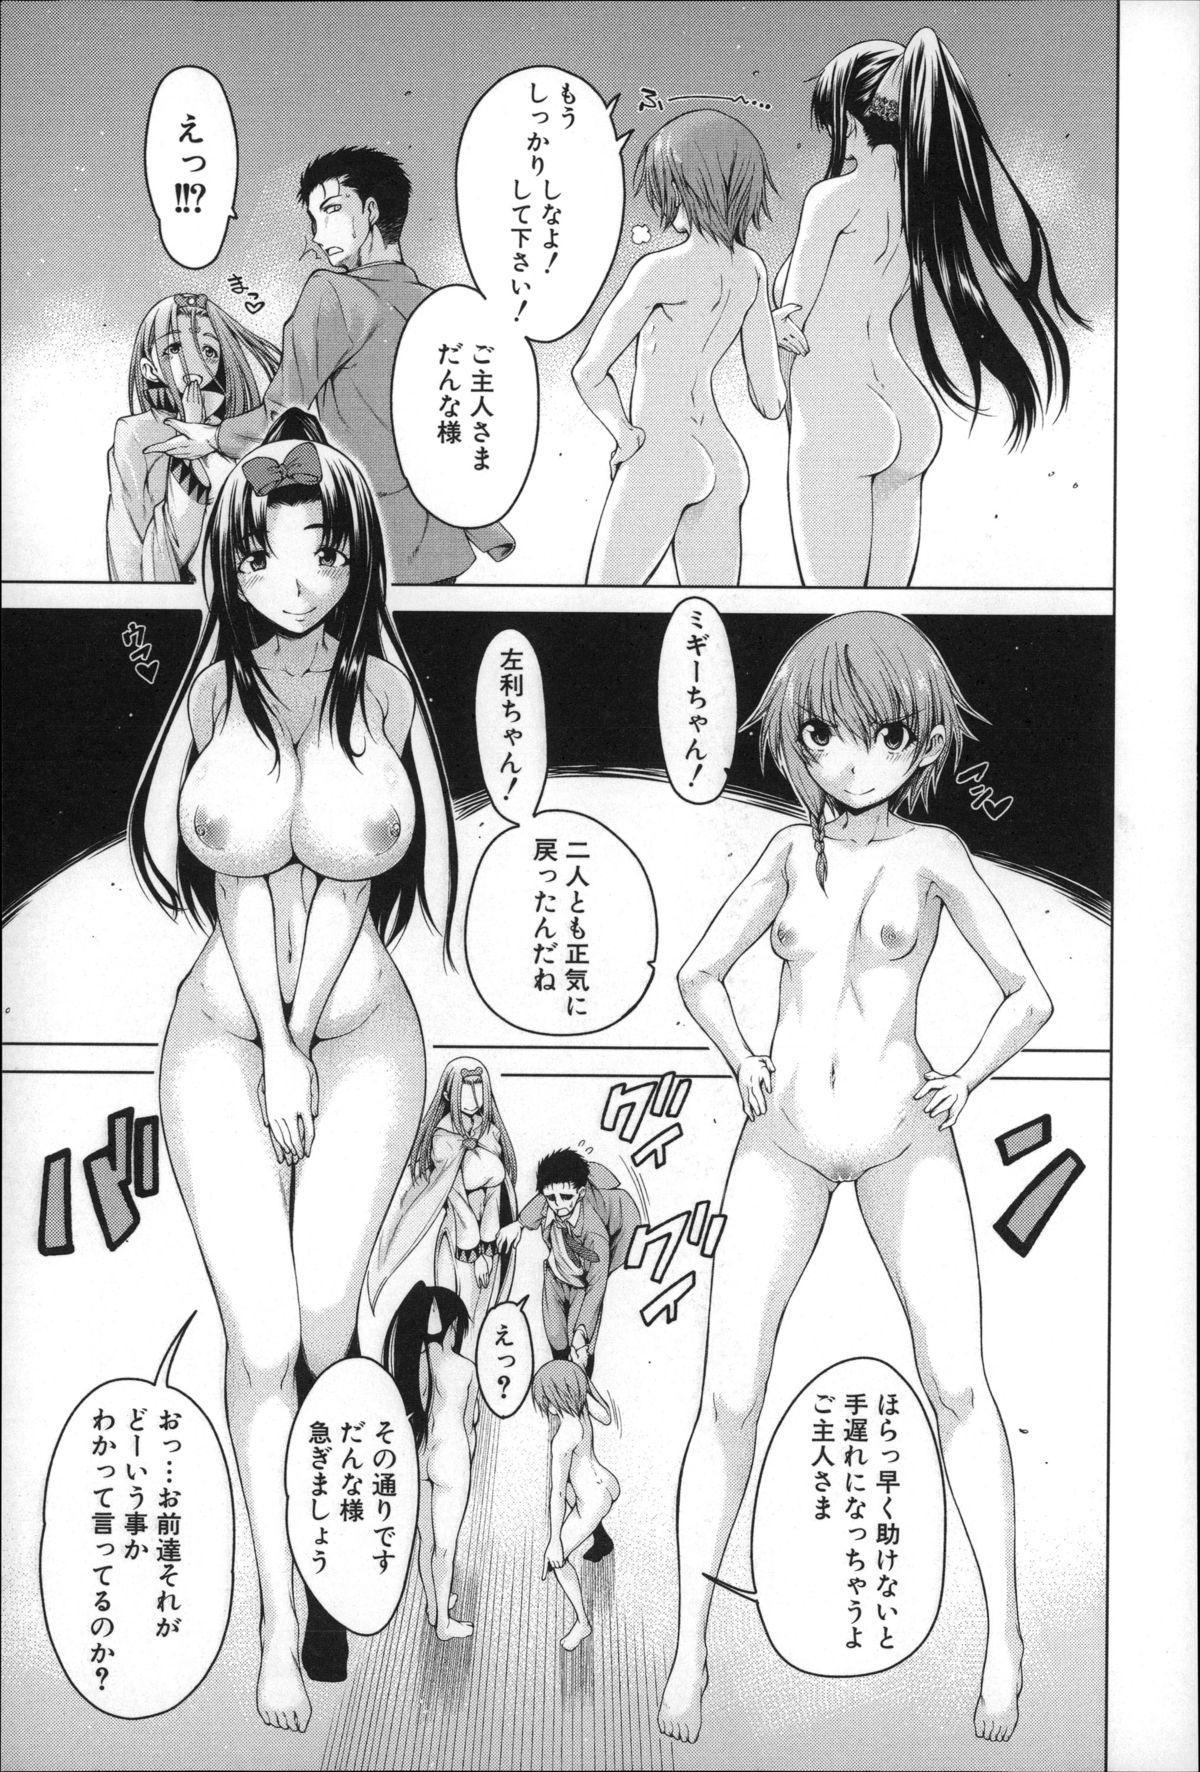 Migite ga Bishoujo ni Natta kara Sex Shita kedo Doutei dayone!! 149